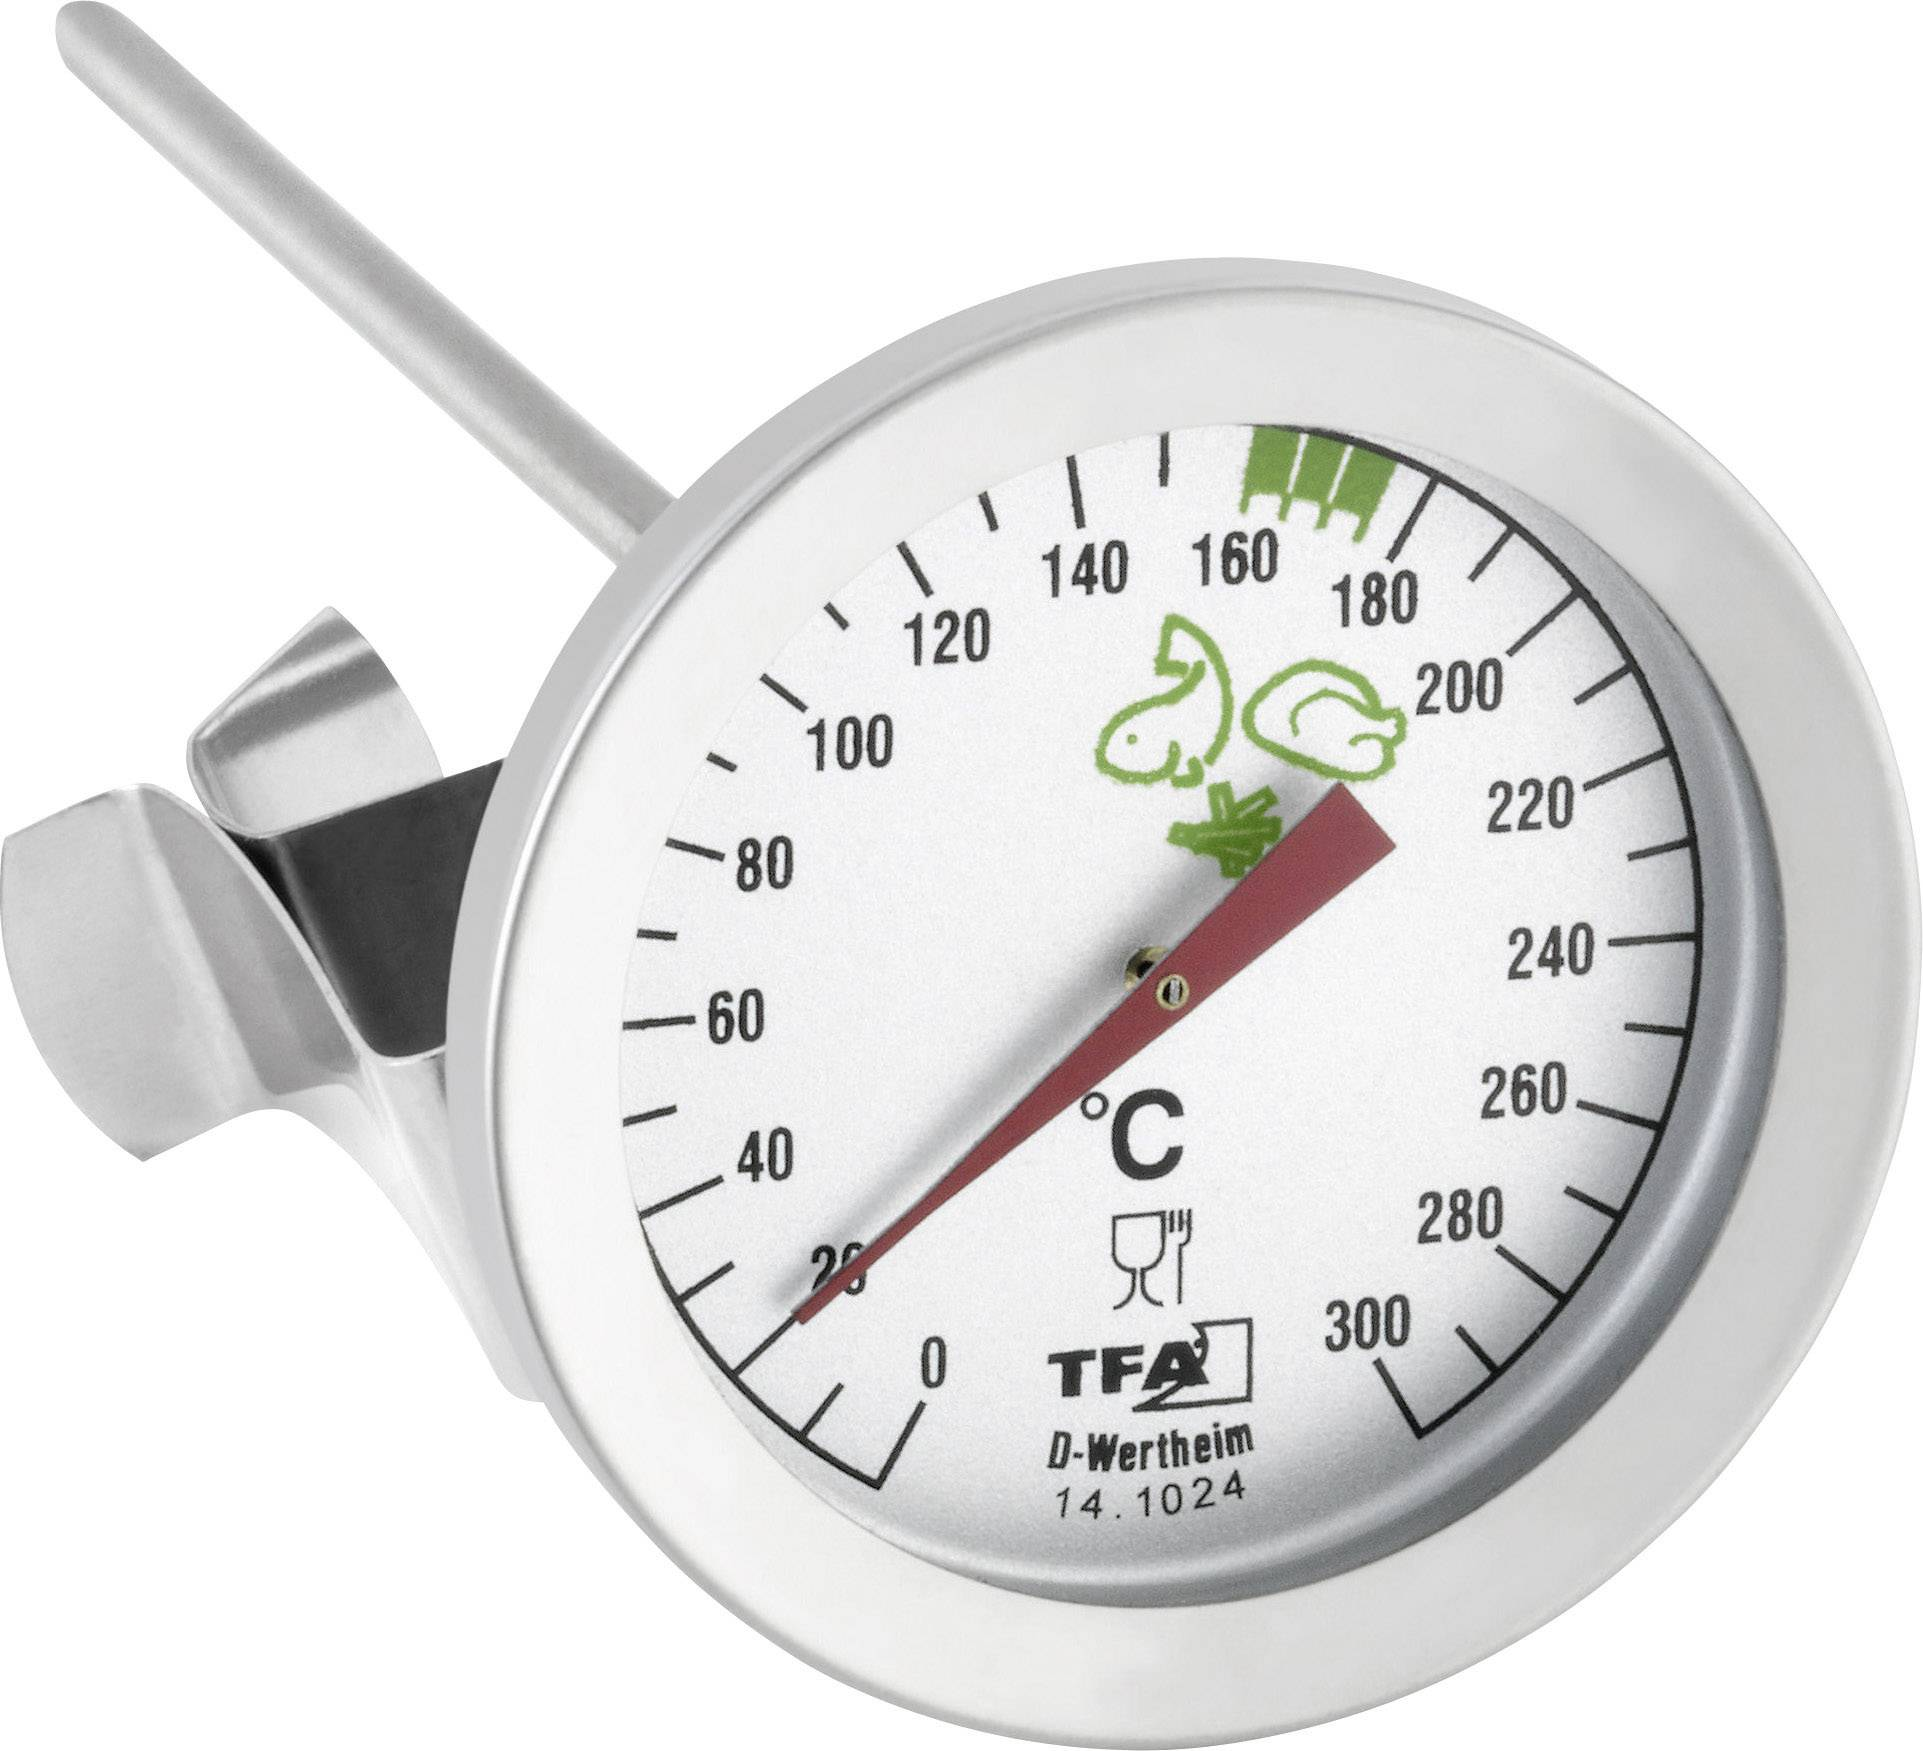 Analogový vpichovací teploměr TFA, 0 až 300 °C, nerez